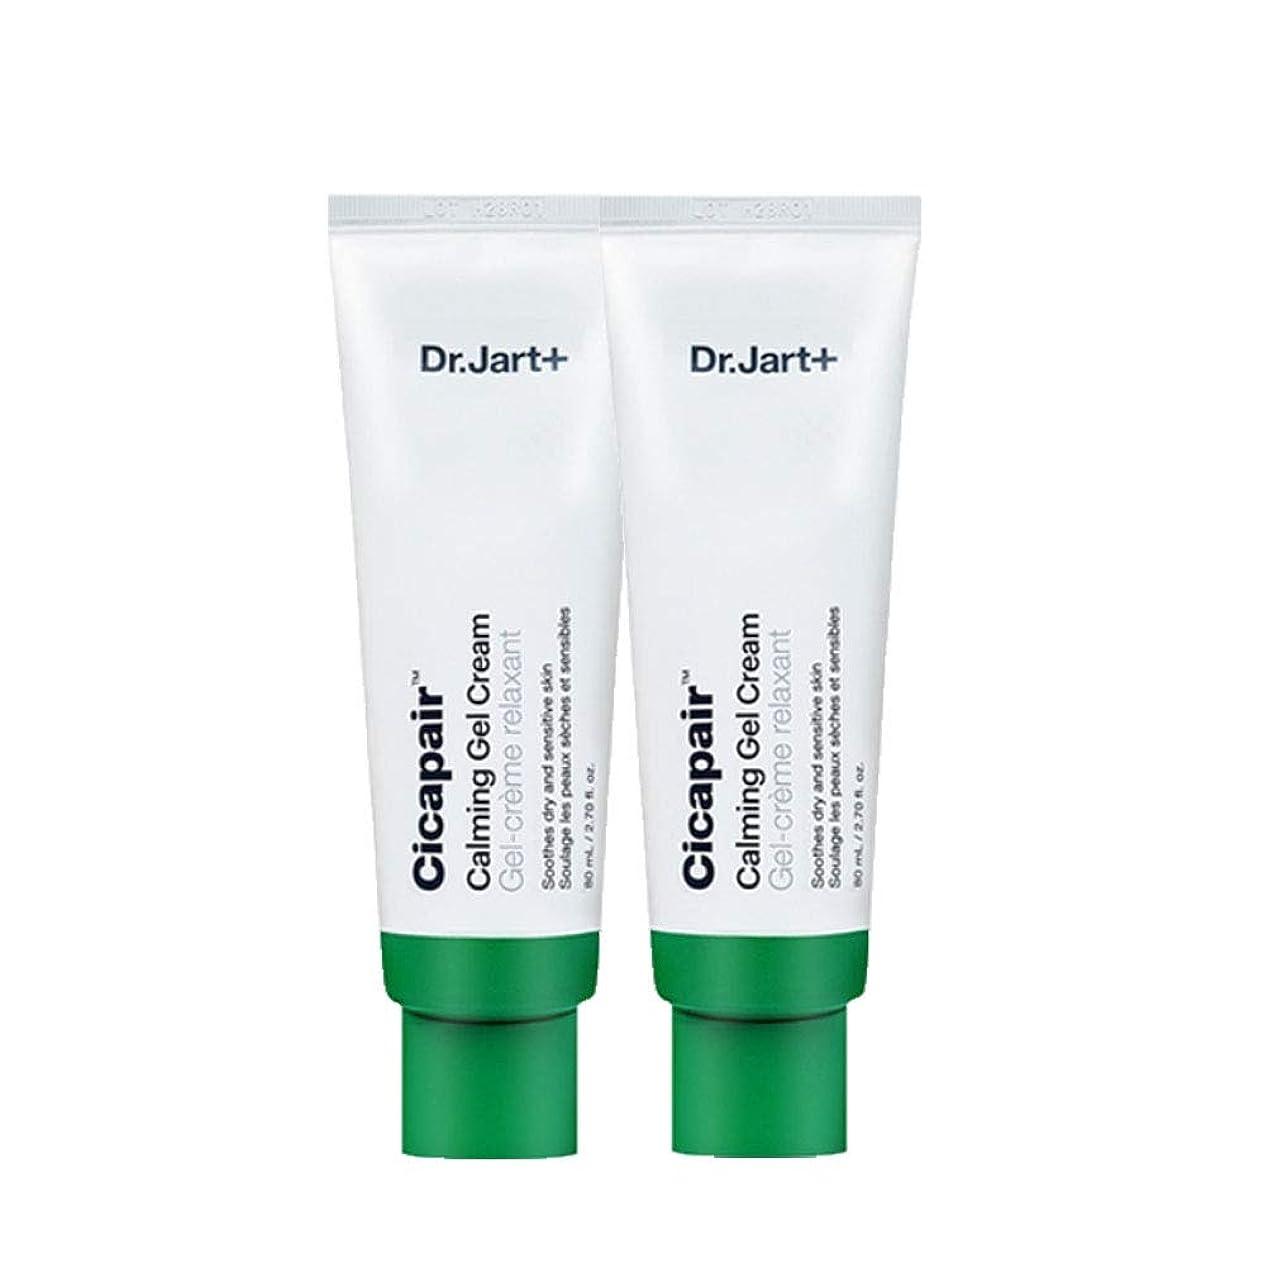 シチリア泳ぐかりてドクタージャルトゥシカフェアカミングジェルクリーム80mlx2本セットシワ改善韓国コスメ、Dr.Jart Cicapair Calming Gel Cream 80ml x 2ea Set Korean Cosmetics [並行輸入品]